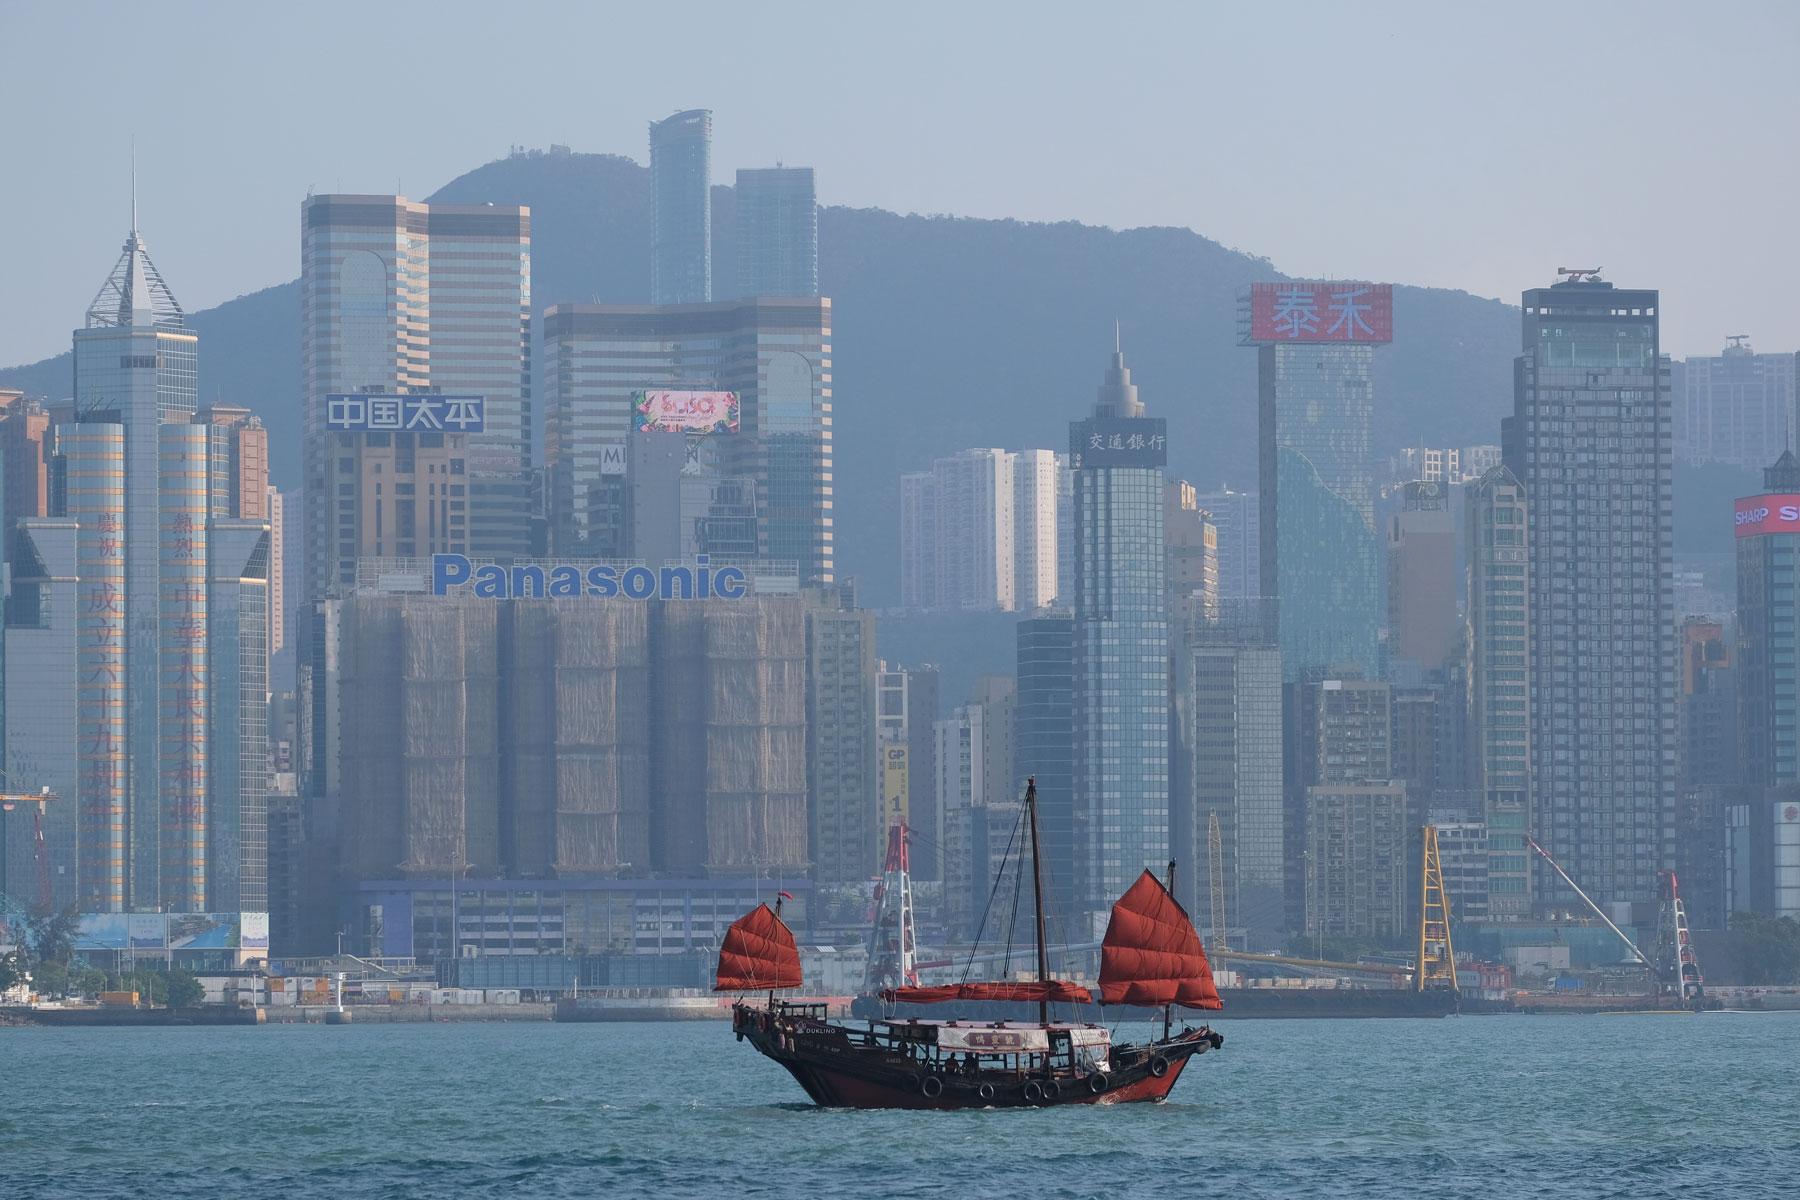 Ein historisches Schiff mit roten Segeln vor der Skyline von Hongkong.